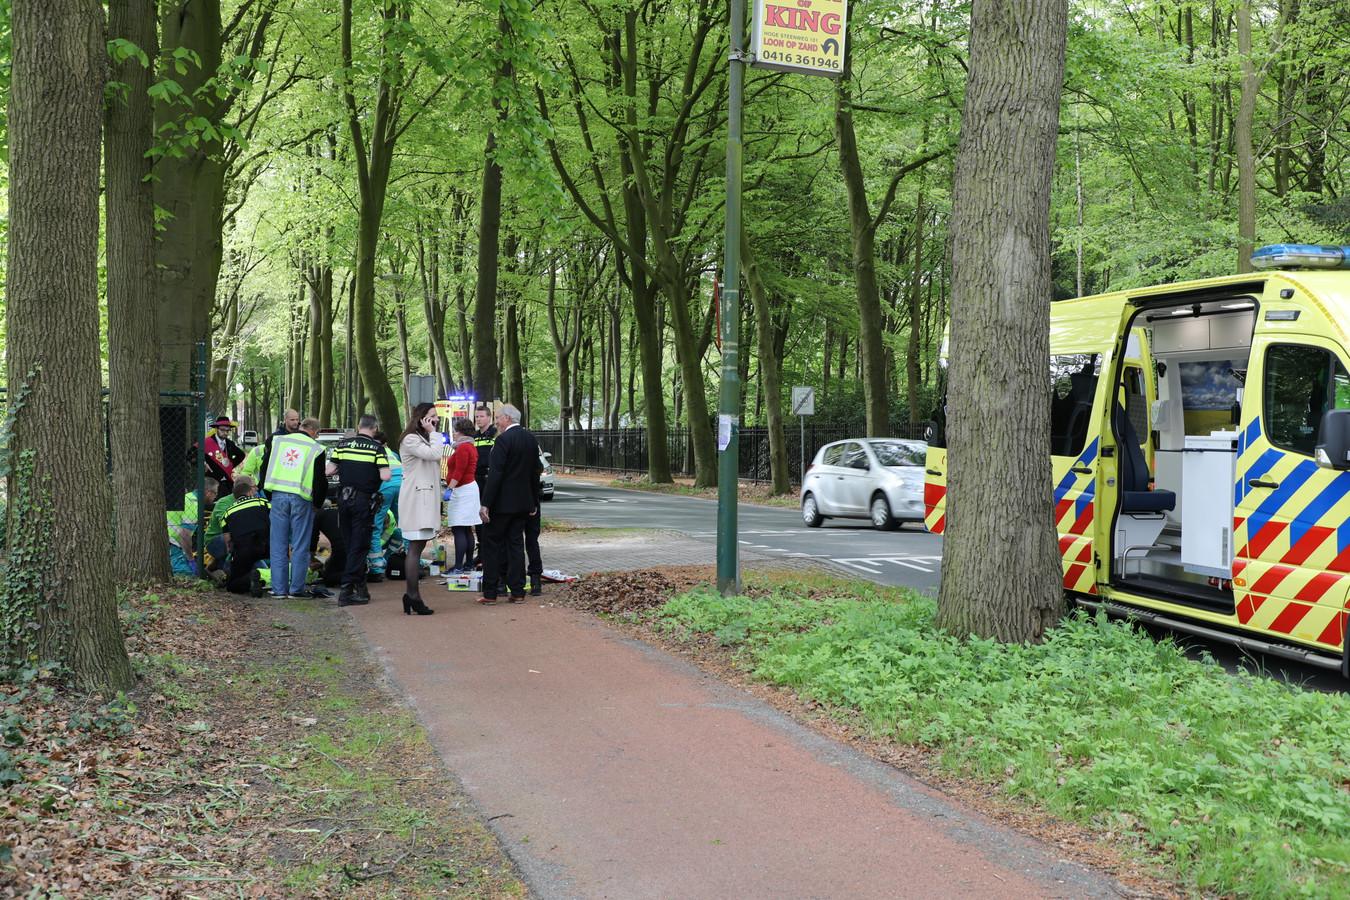 Burgemeester Hanne van Aart (in witte jas) belt terwijl ambulancemedewerkers zich over het slachtoffer ontfermen.